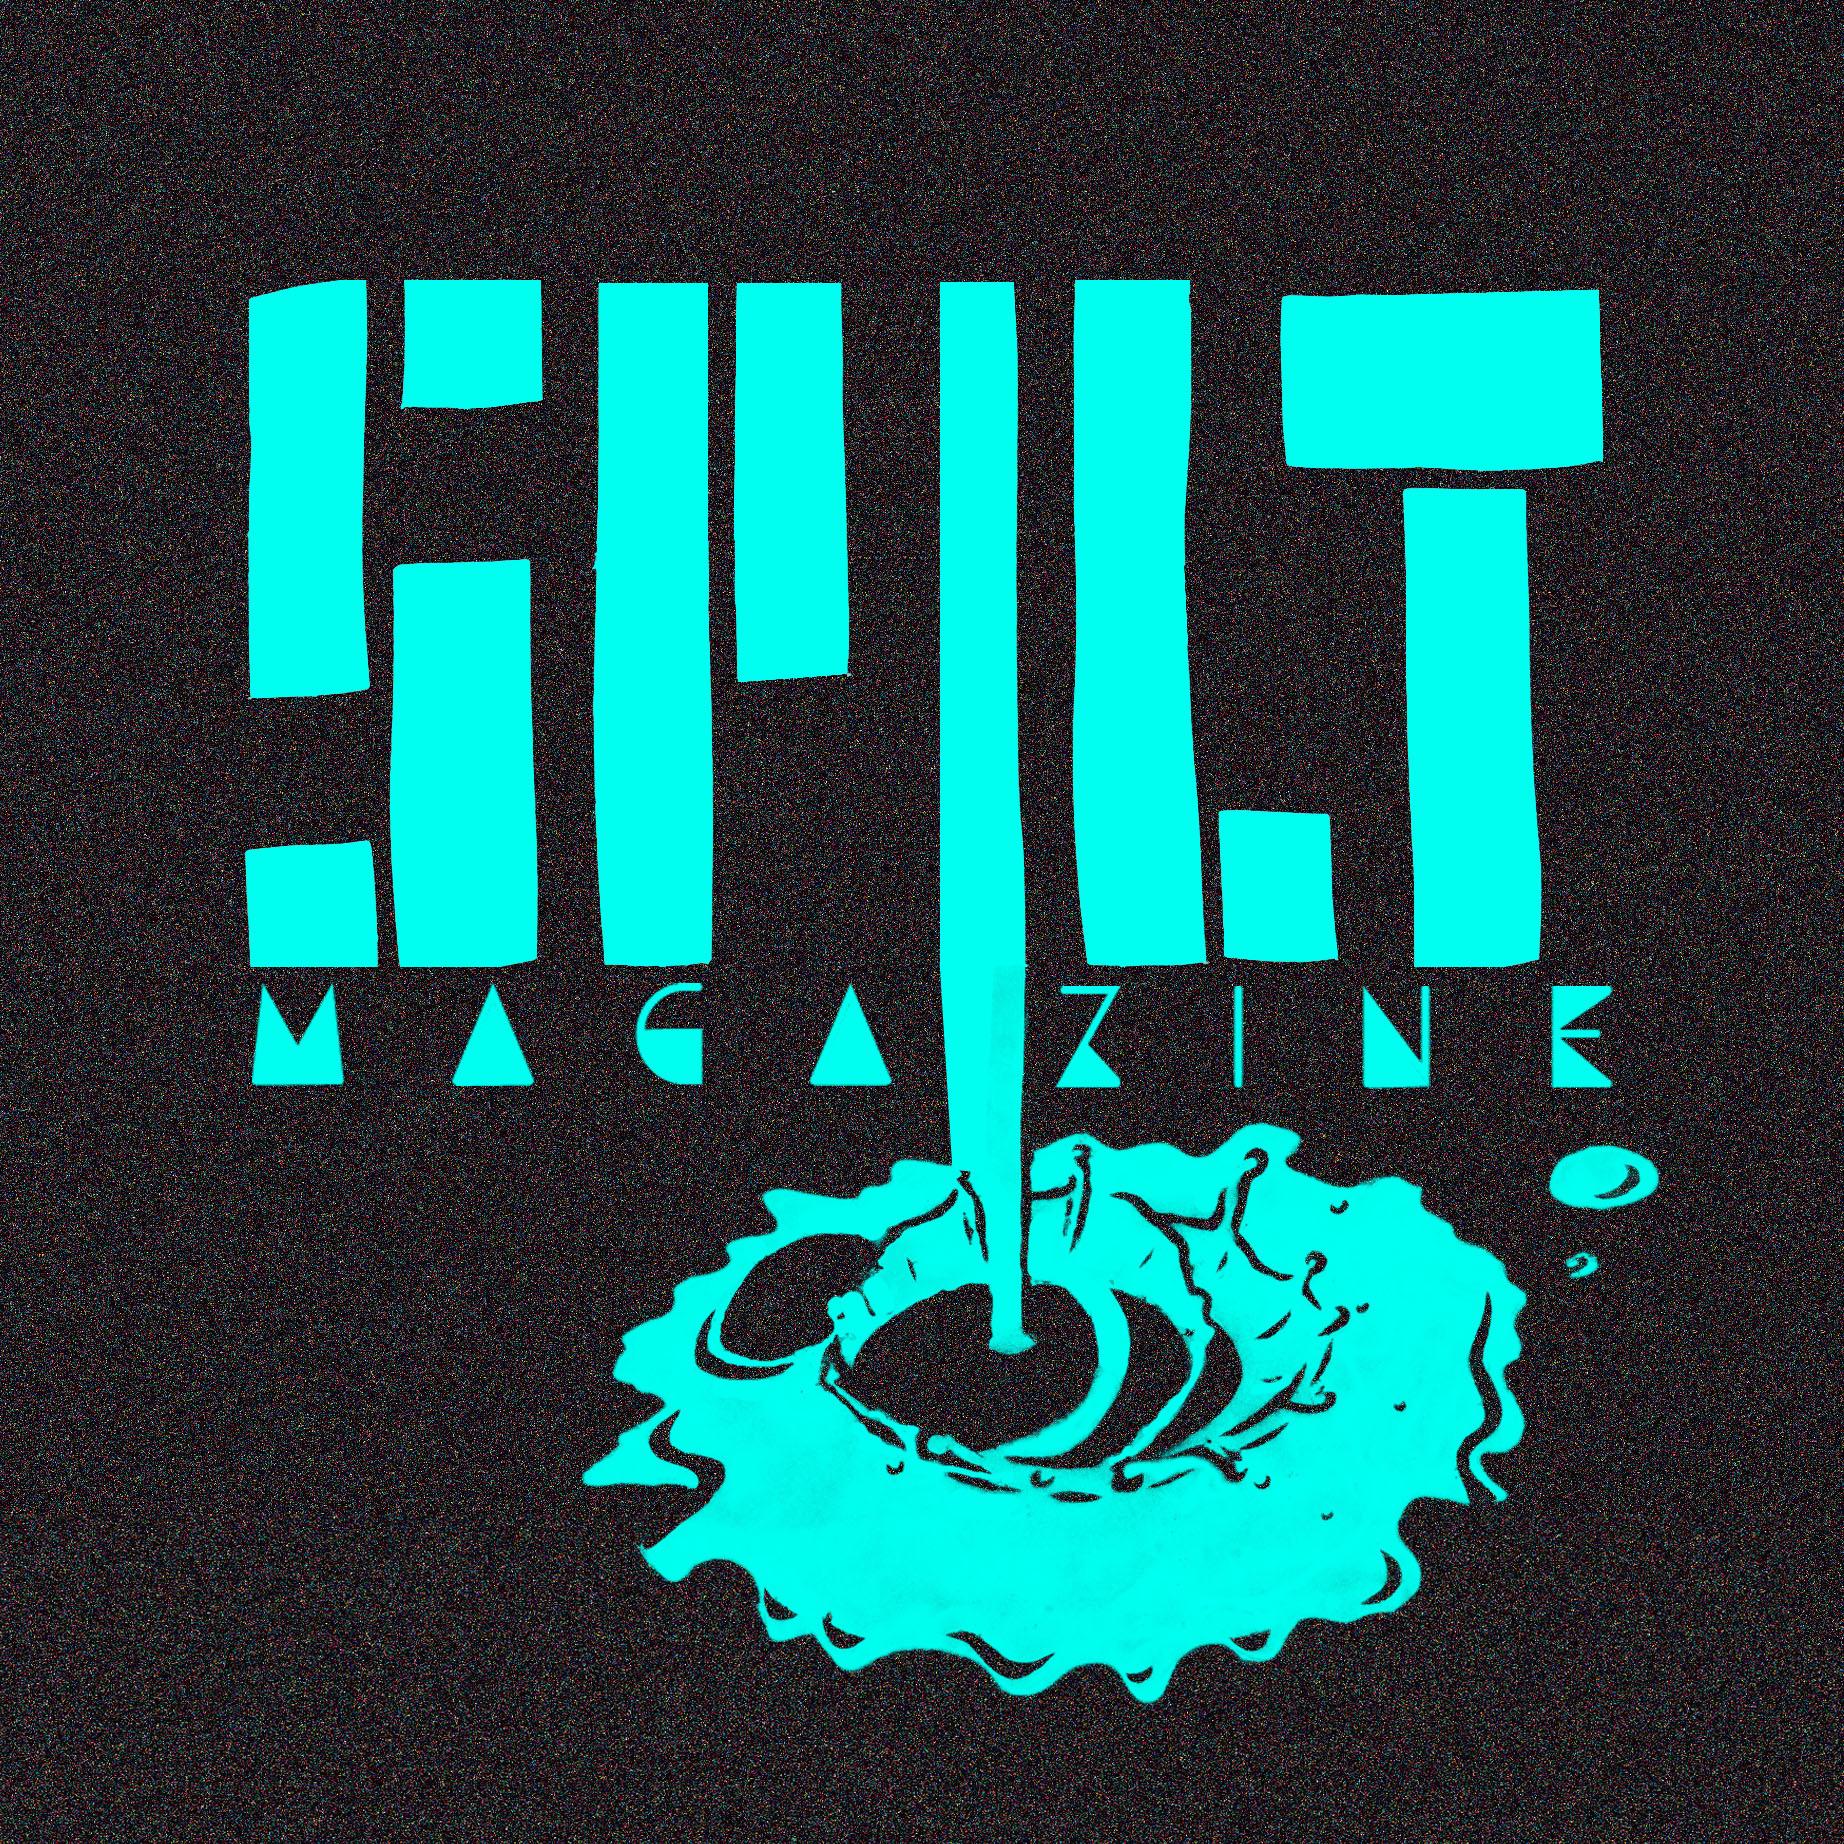 SPILT Magazine